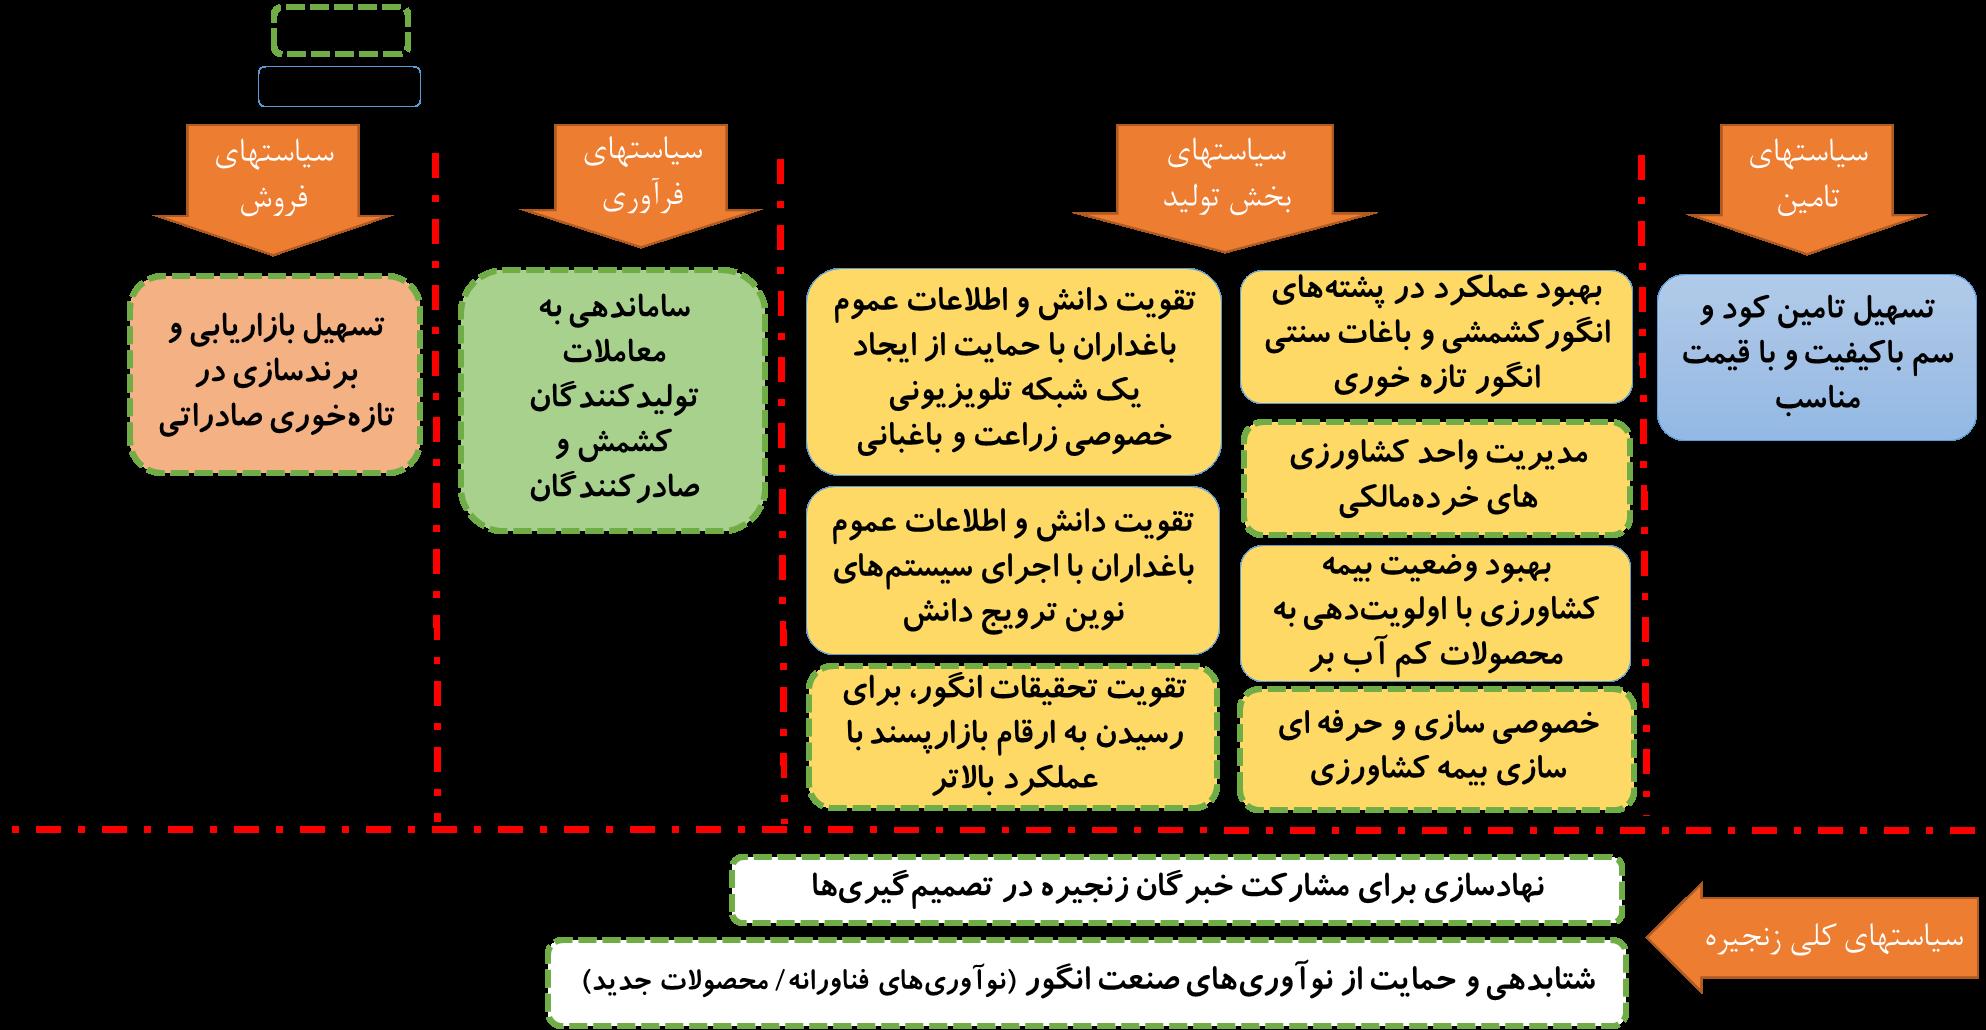 شکل 3: پارادایمهای مواجهه با مساله توسعه منطقهای و کاهش مصرف آب حسنلو